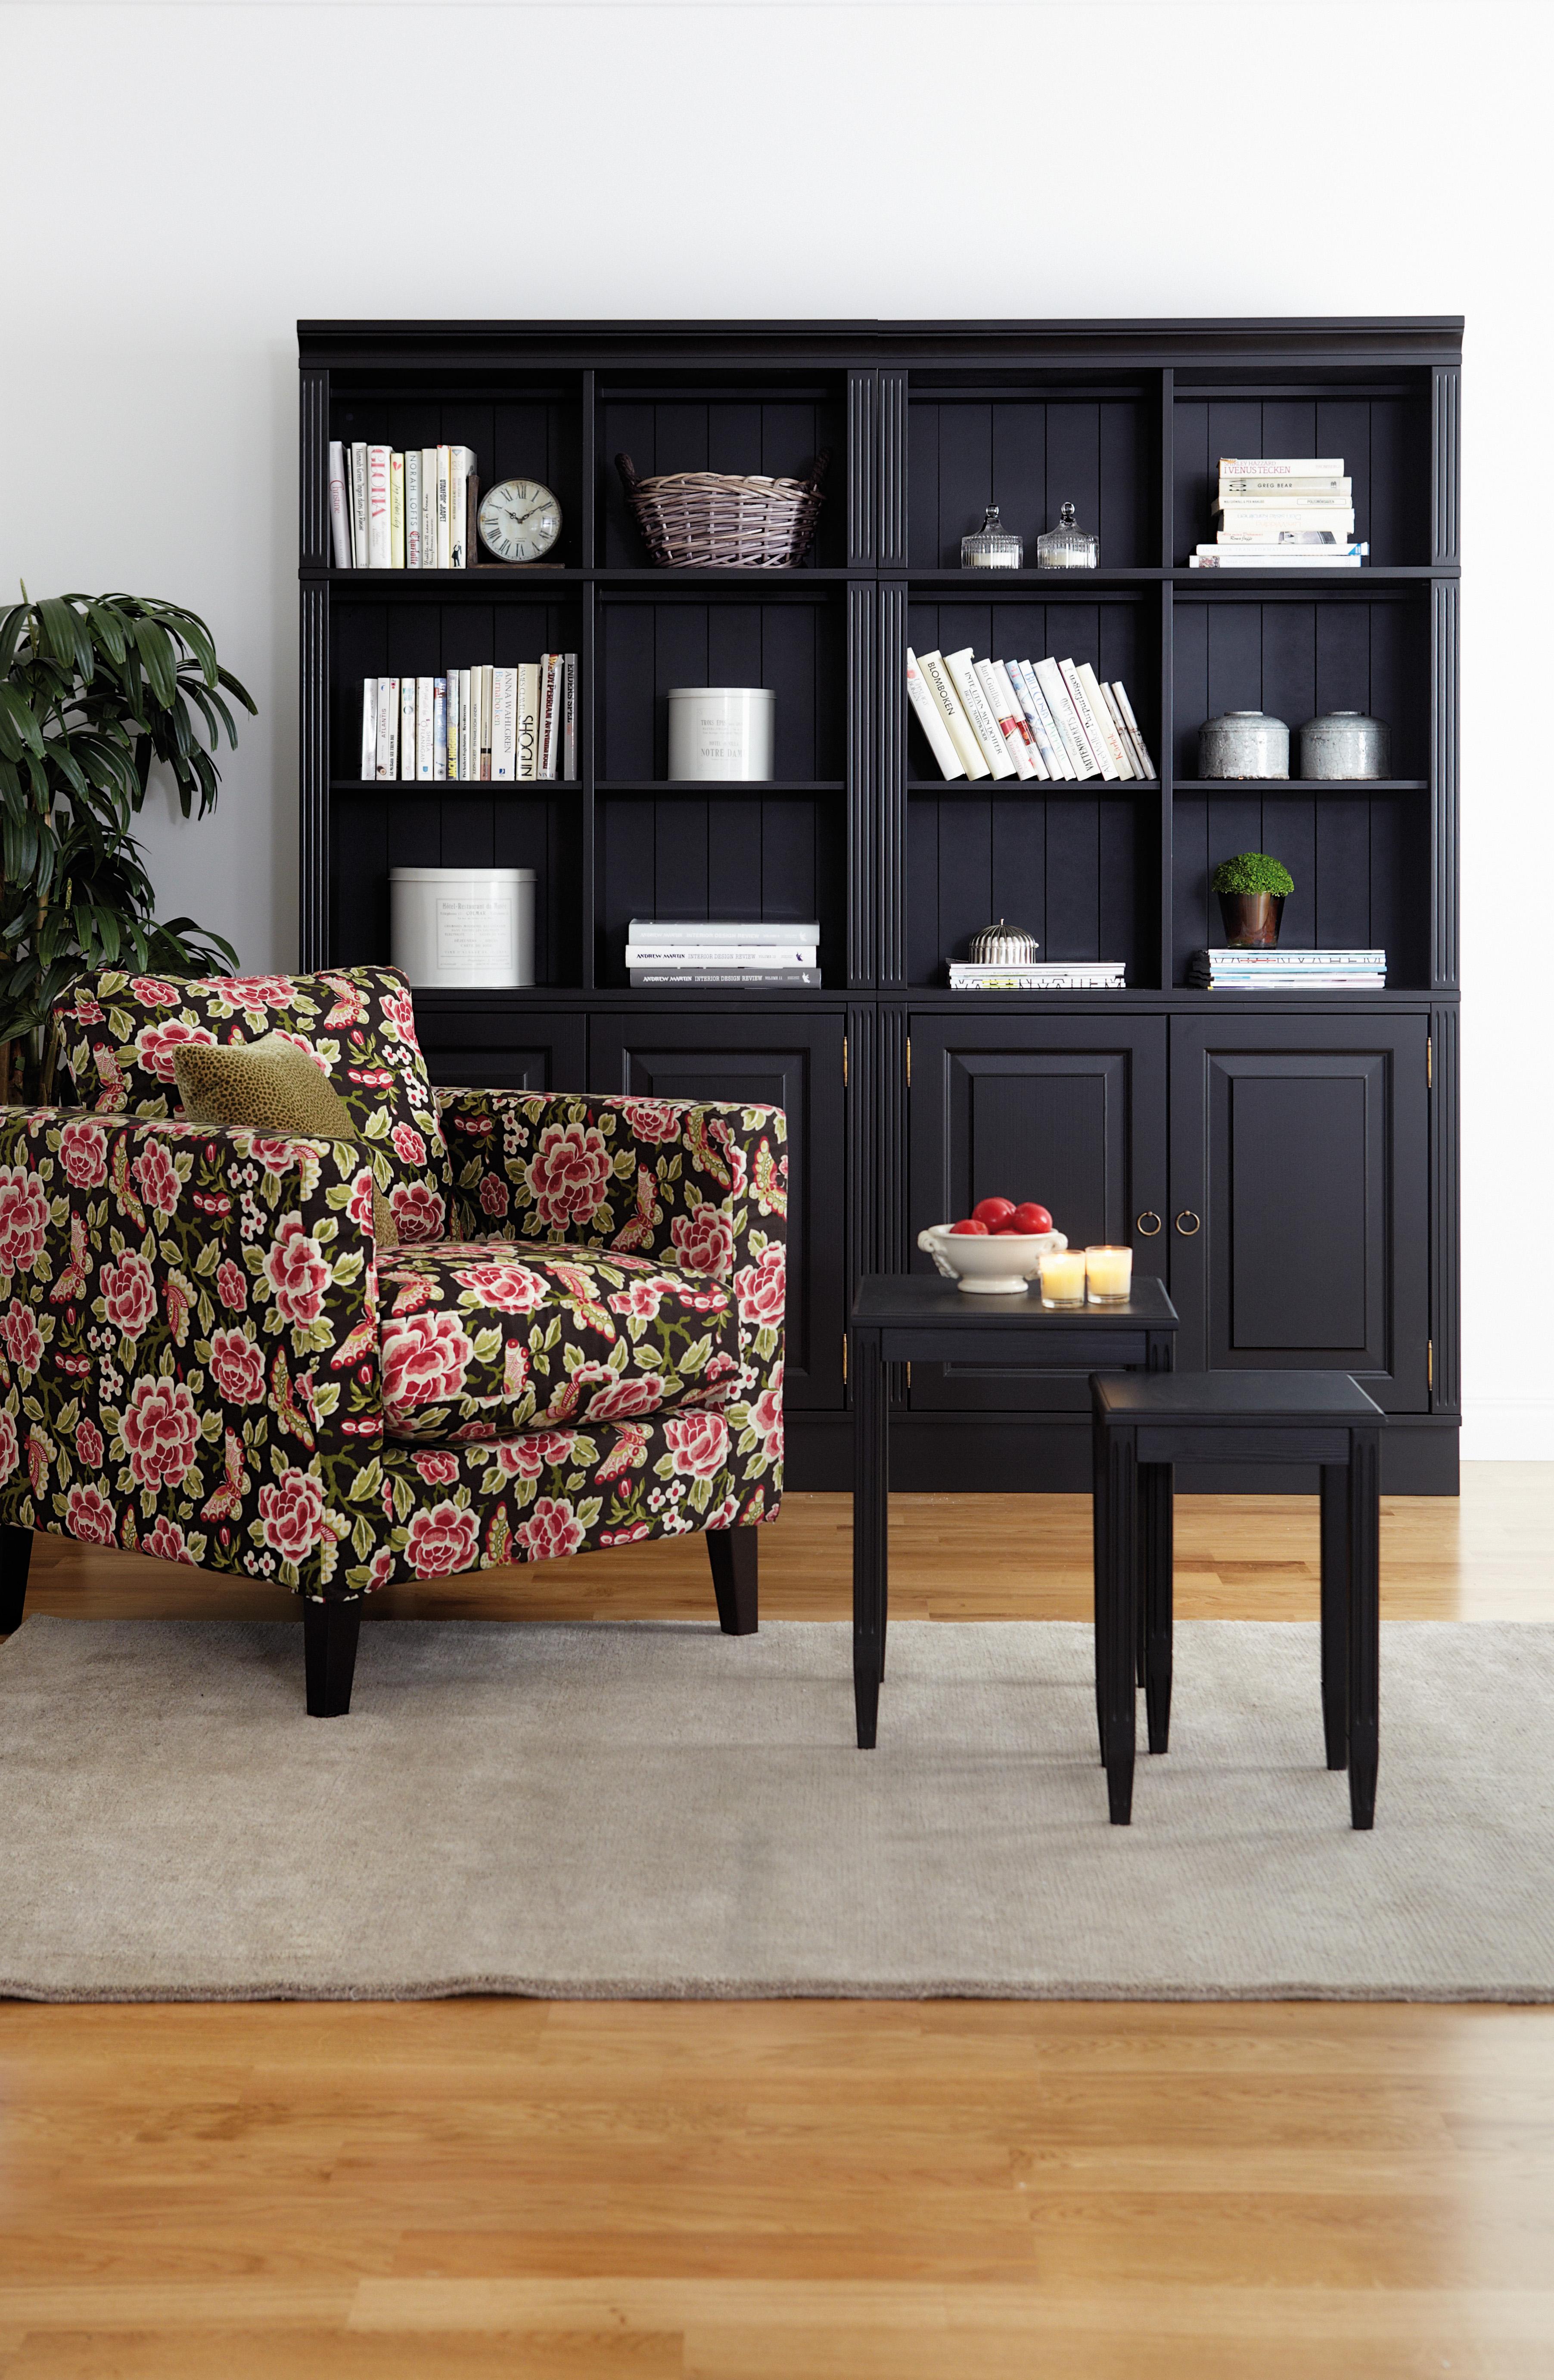 Engelsson Mobler # Fmlex com> Beste design inspirasjon for hjemmerom arrangement